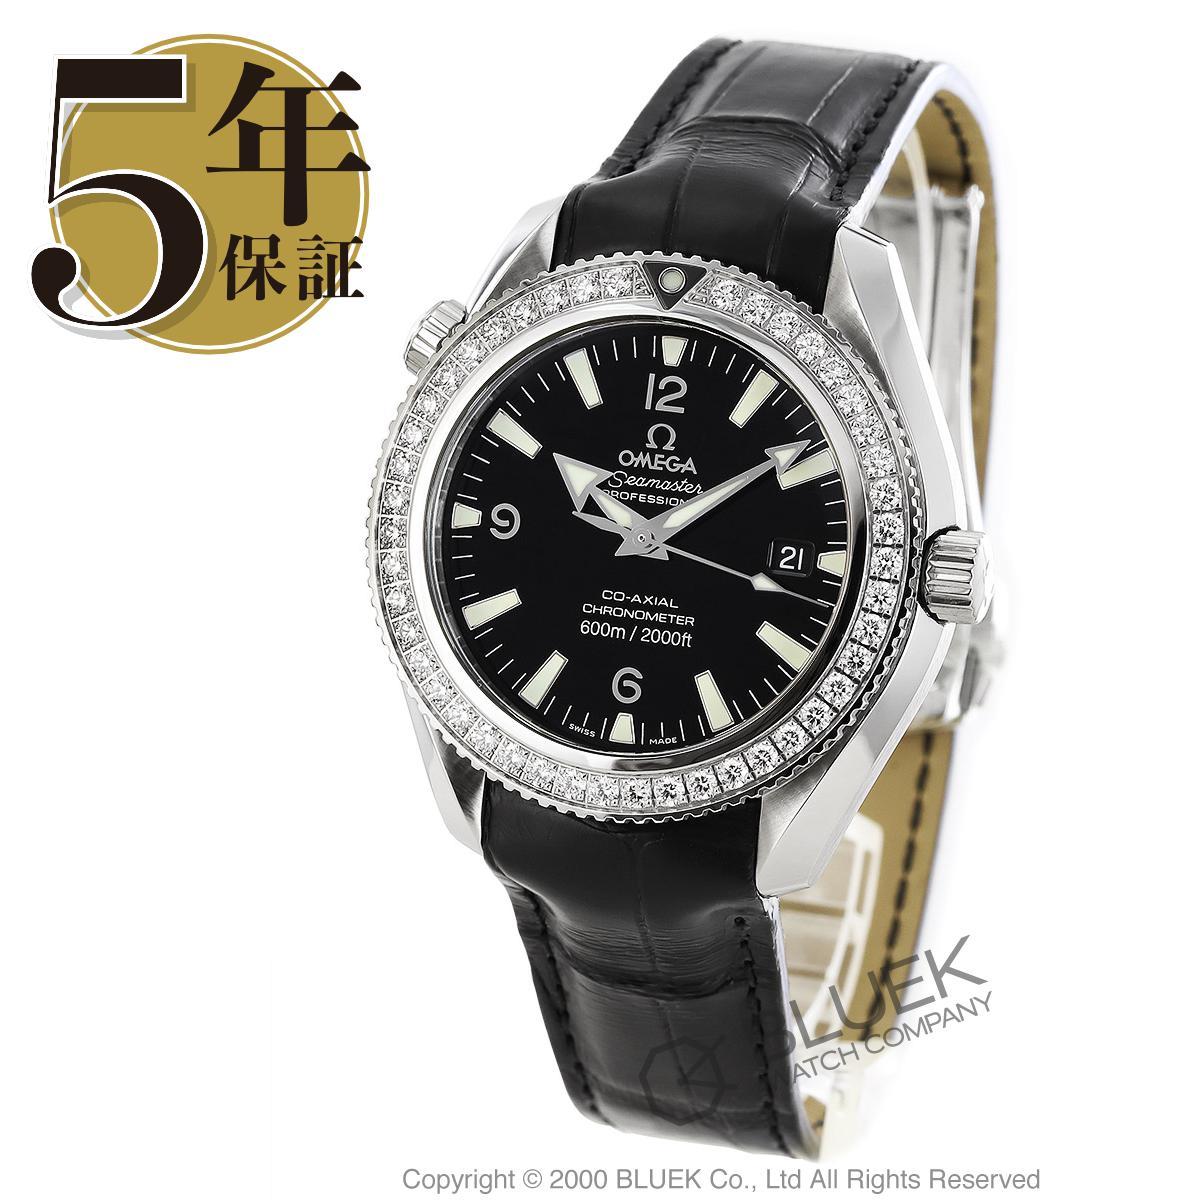 オメガ シーマスター プラネットオーシャン 600m防水 ダイヤ アリゲーターレザー 腕時計 メンズ OMEGA 222.18.42.20.01.001_5